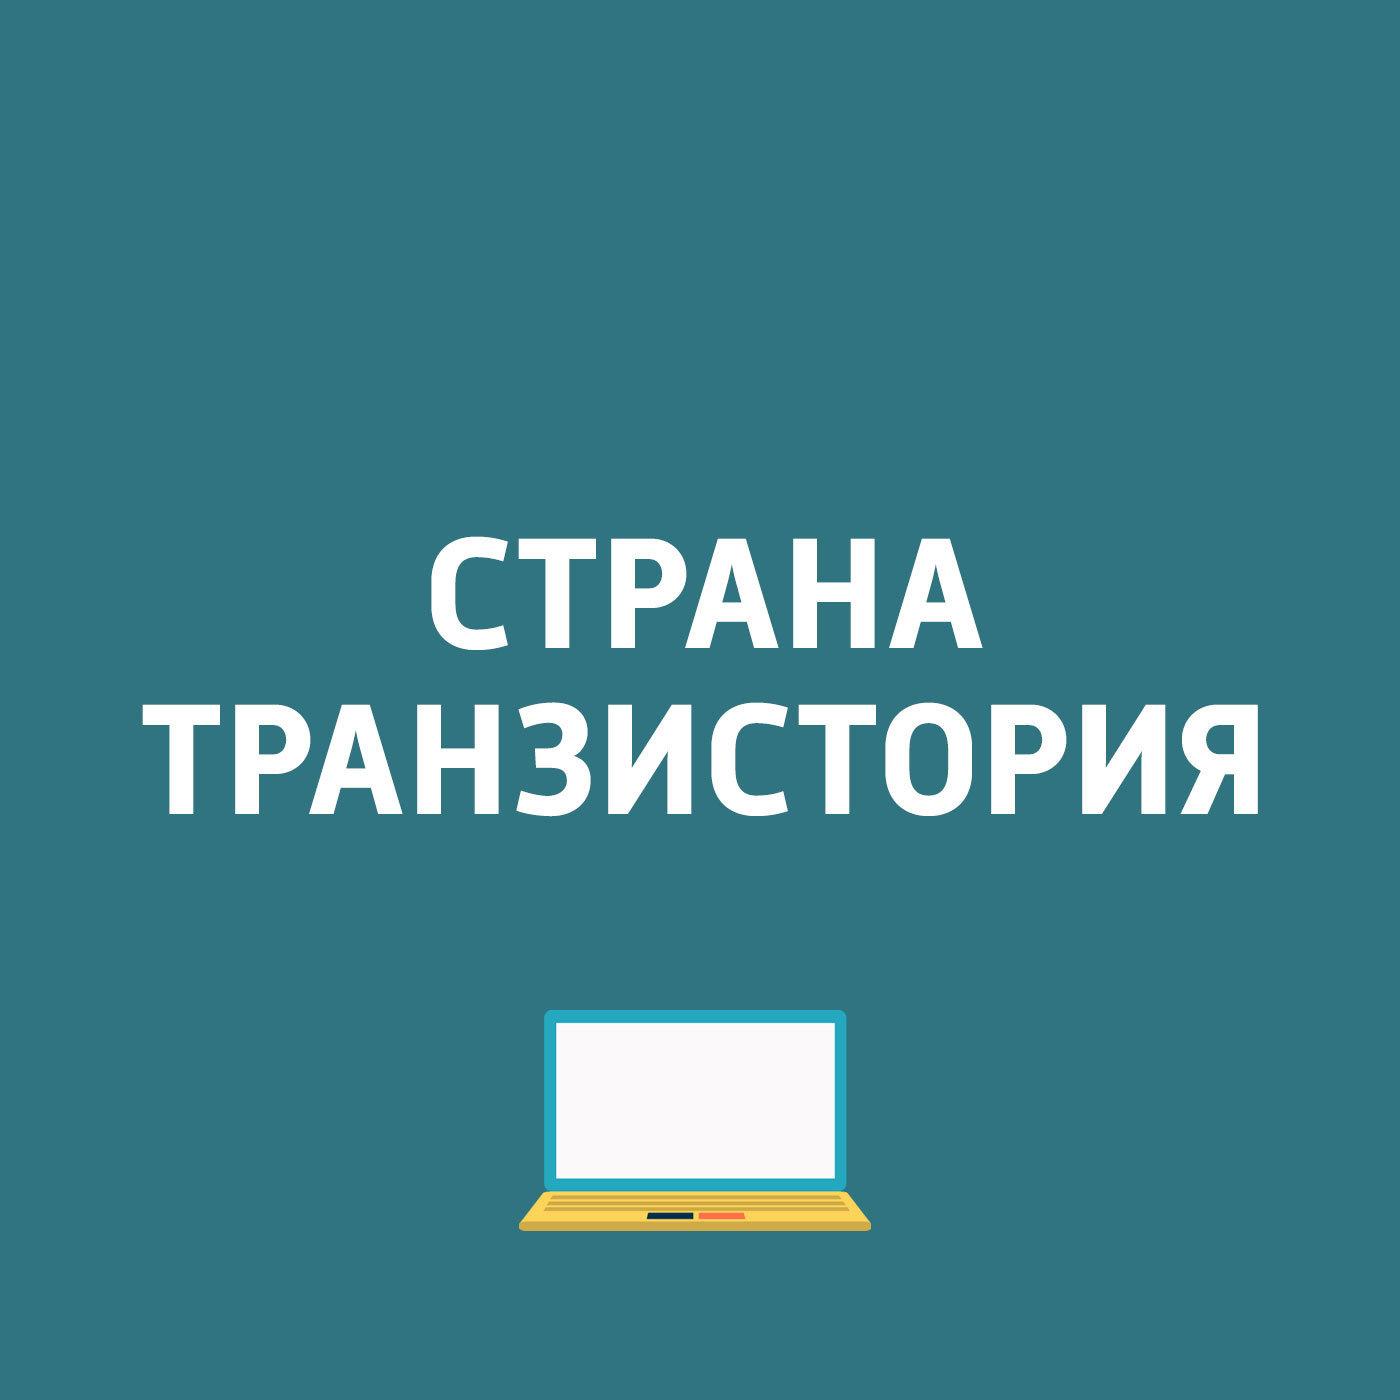 Картаев Павел Motorola Moto M; Apple начала продавать подержанные iPhone; «Рамблер» создаст сайт о кино «Попкорн»...